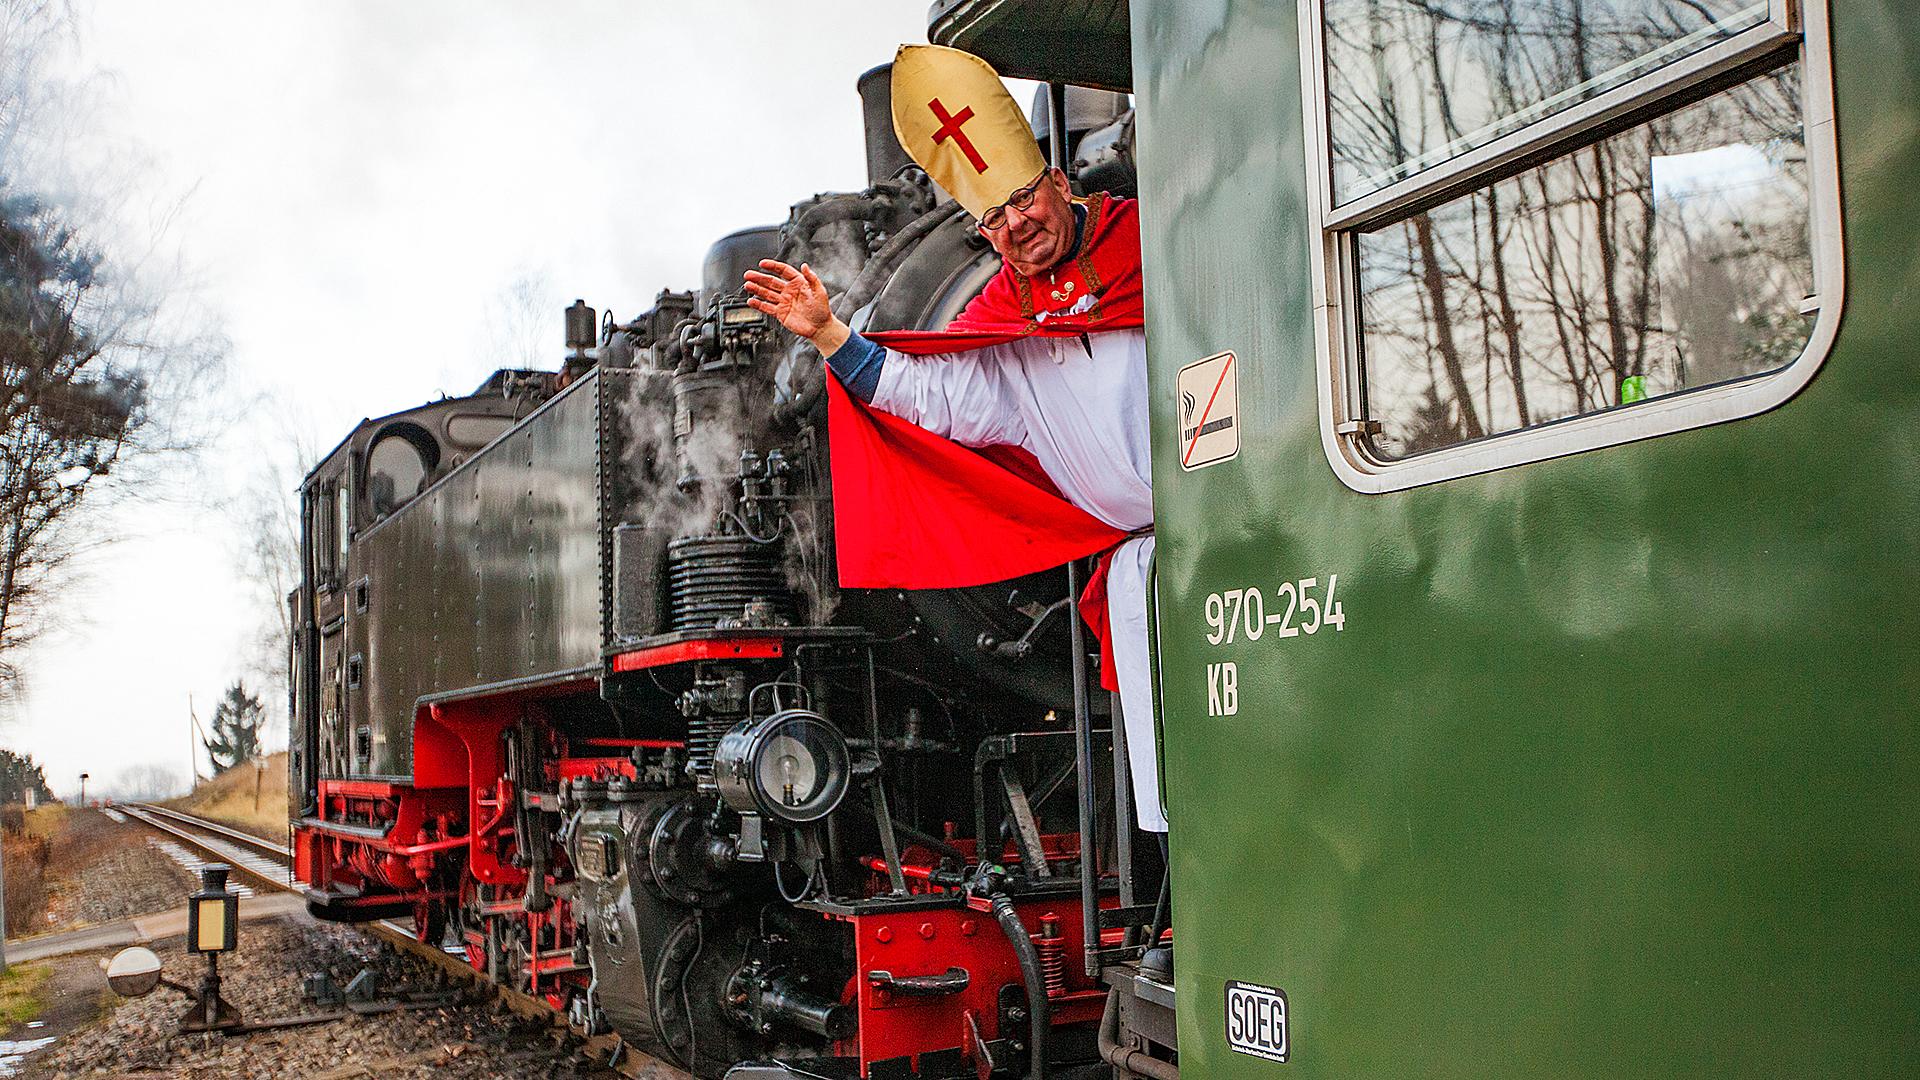 Nikolauszug